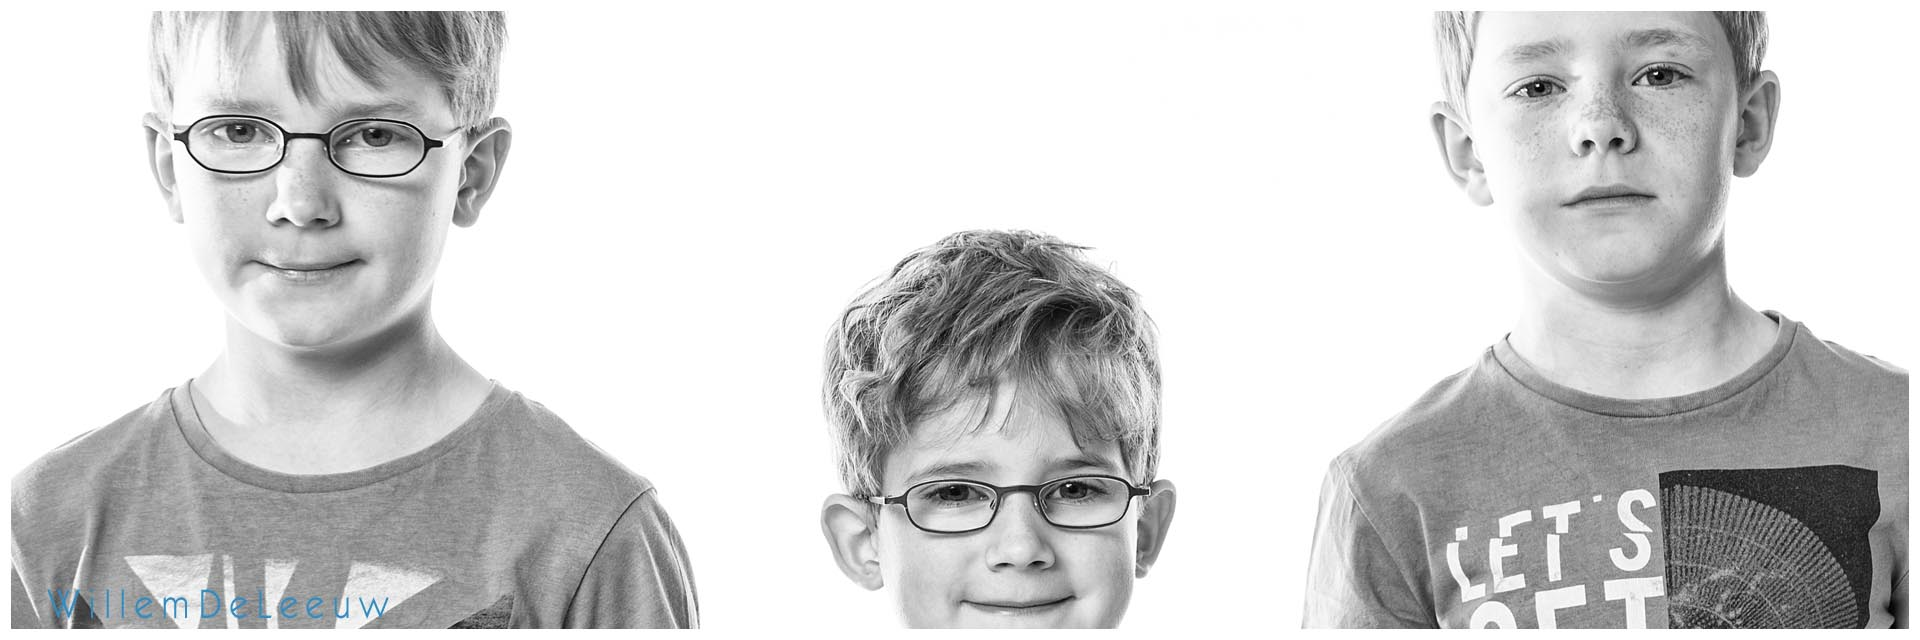 origineel portret van 3 jongens in de studio WillemDeLeeuw